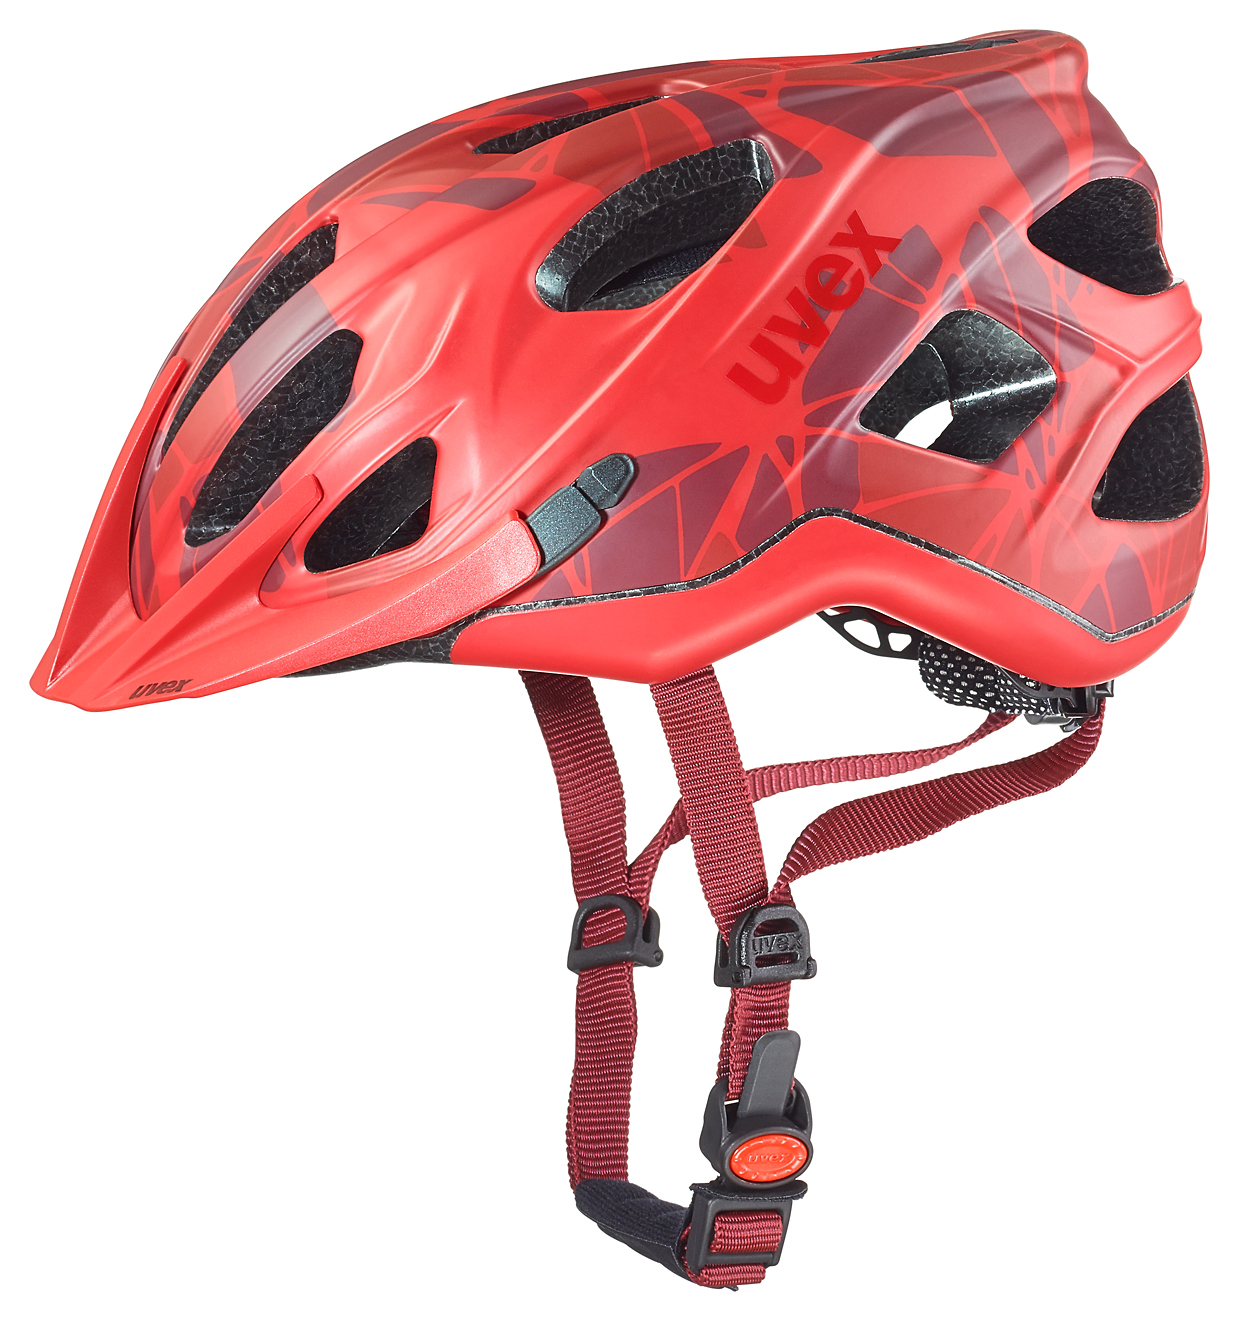 UVEX ADIGE CC, RED MAT 2016 52-57 cm